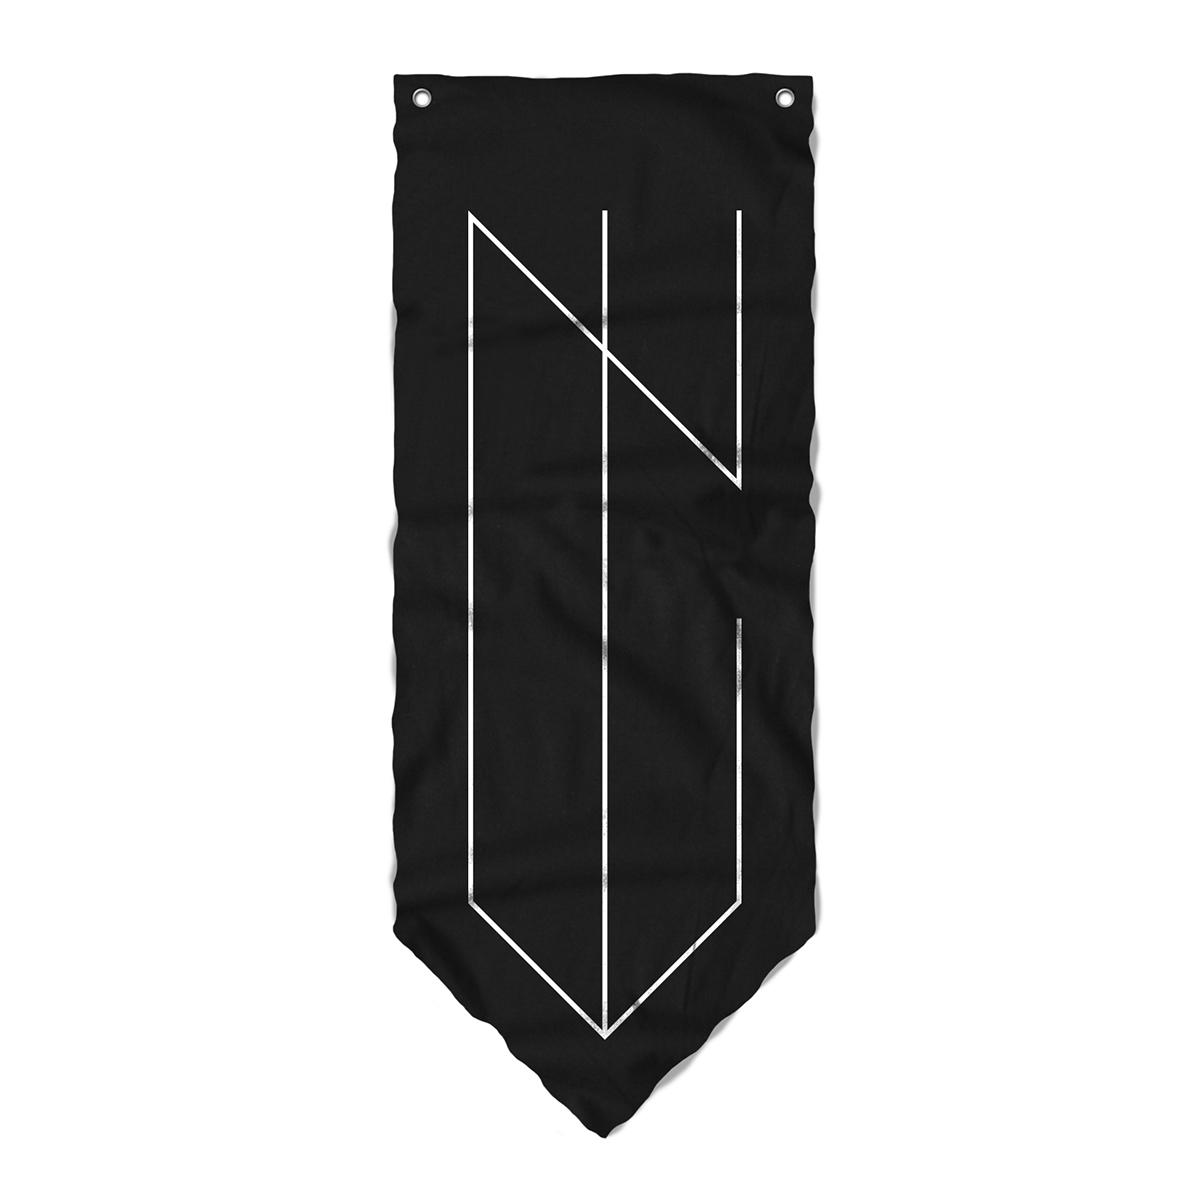 NYVES - Wall Flag